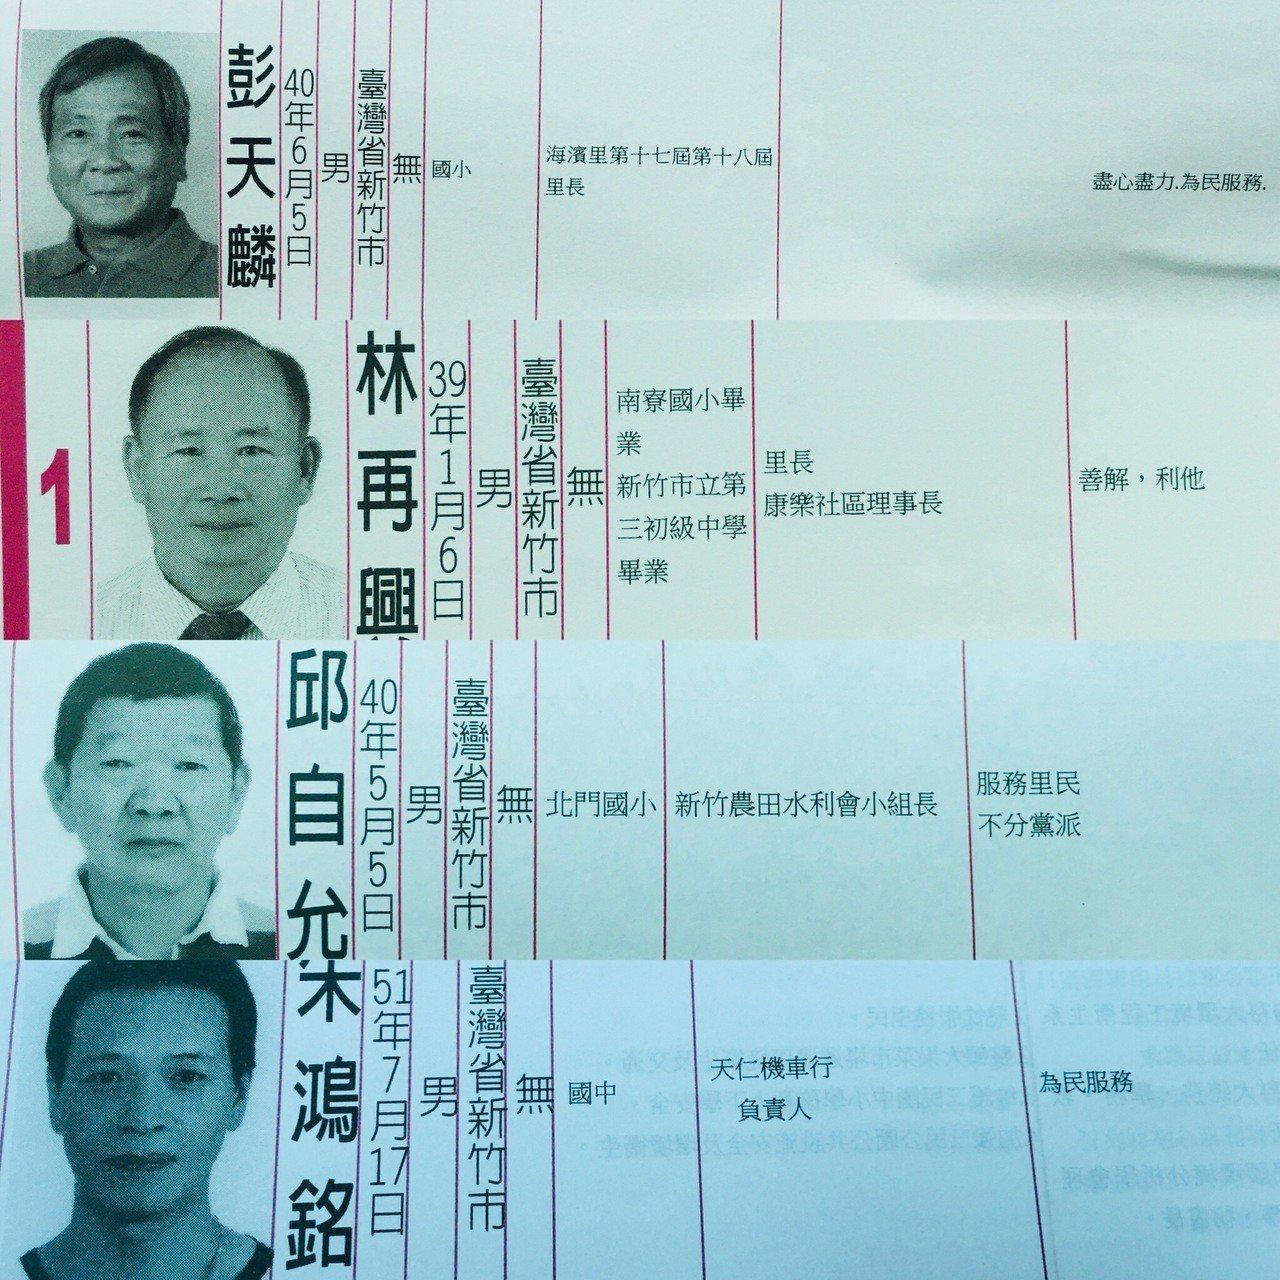 這次新竹市選舉公報中,里長的政見許多都不滿十個字。記者張雅婷/攝影